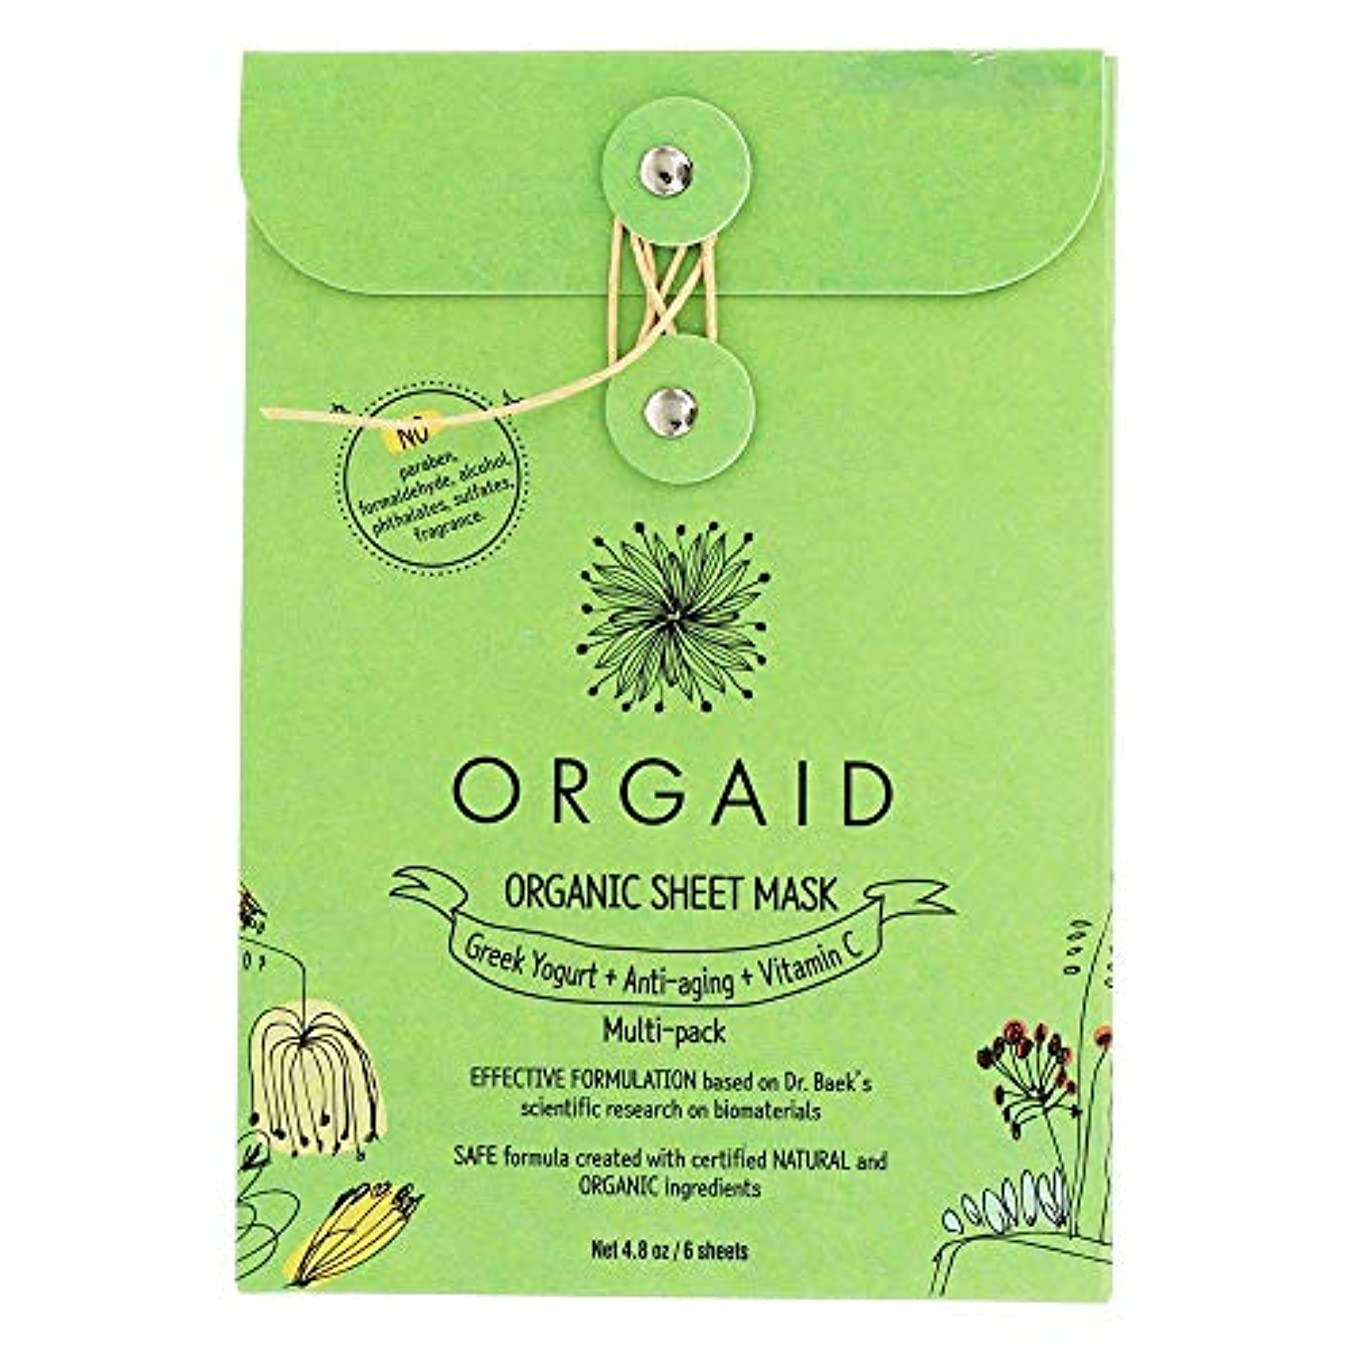 楕円形ダルセット宿題ORGAID(オーガエイド) エッセンスマスク マルチパック